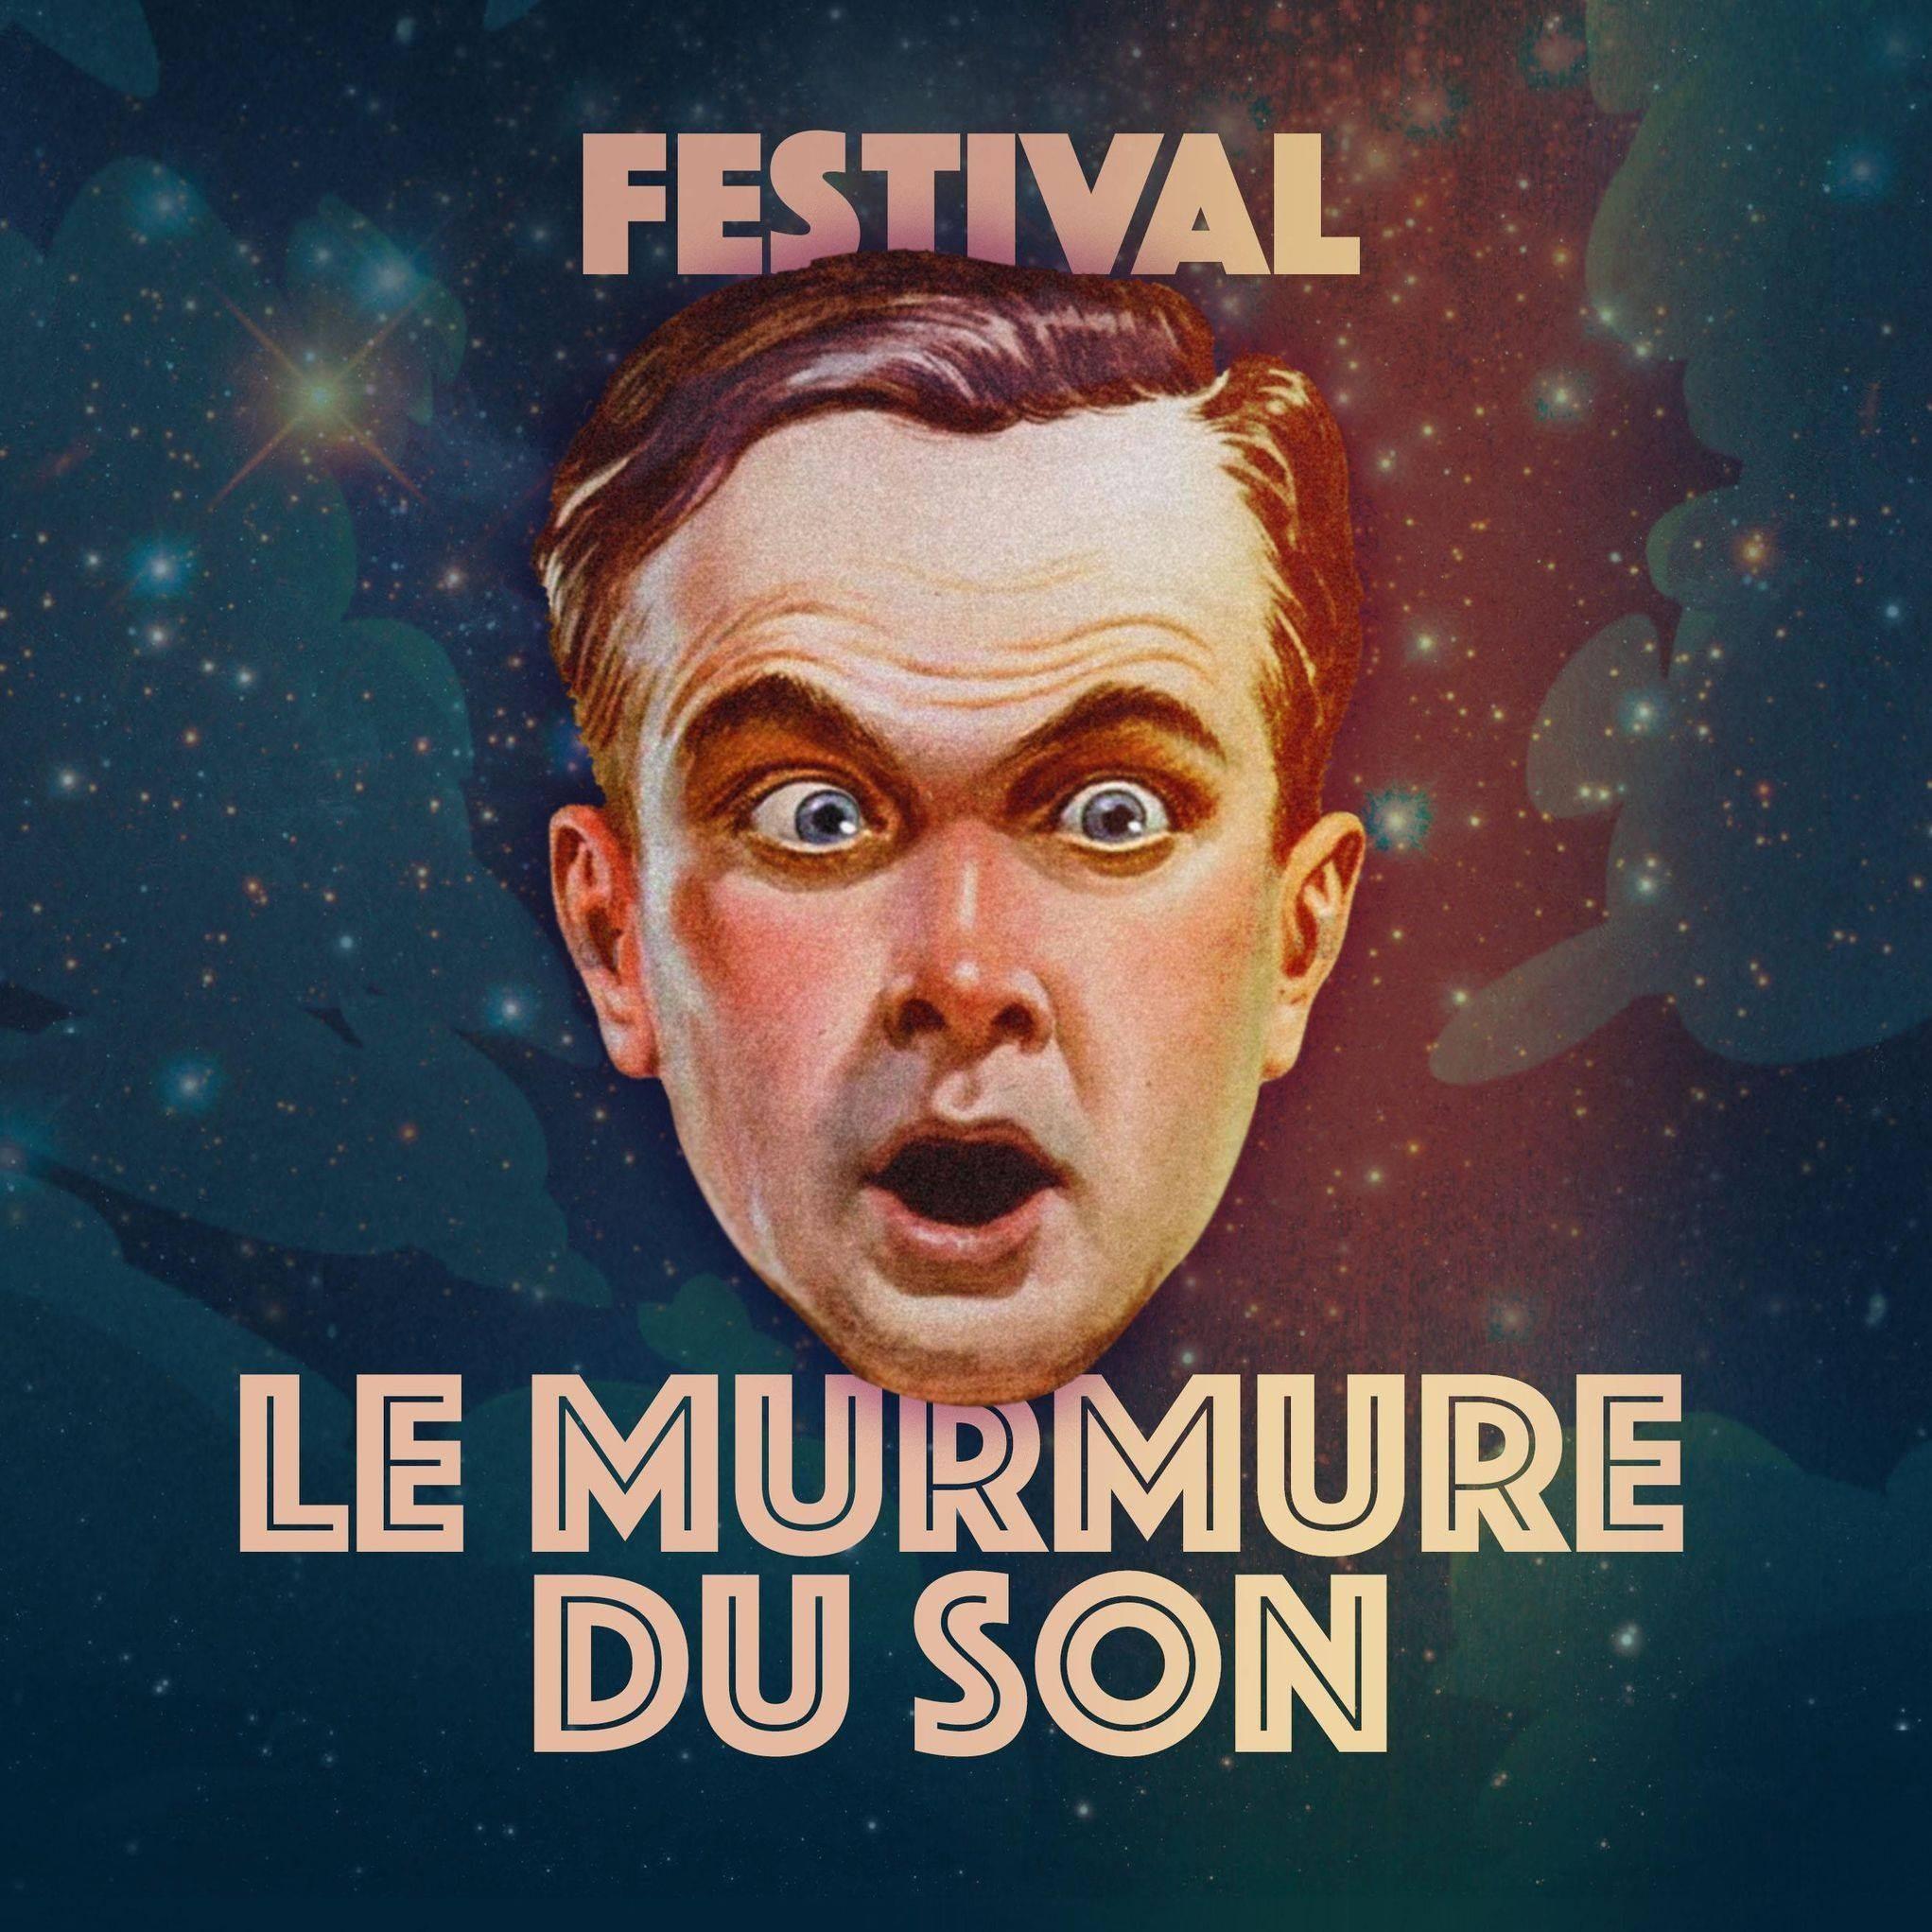 Festival le murmure du son : le 10 juillet à Eu ! (76)